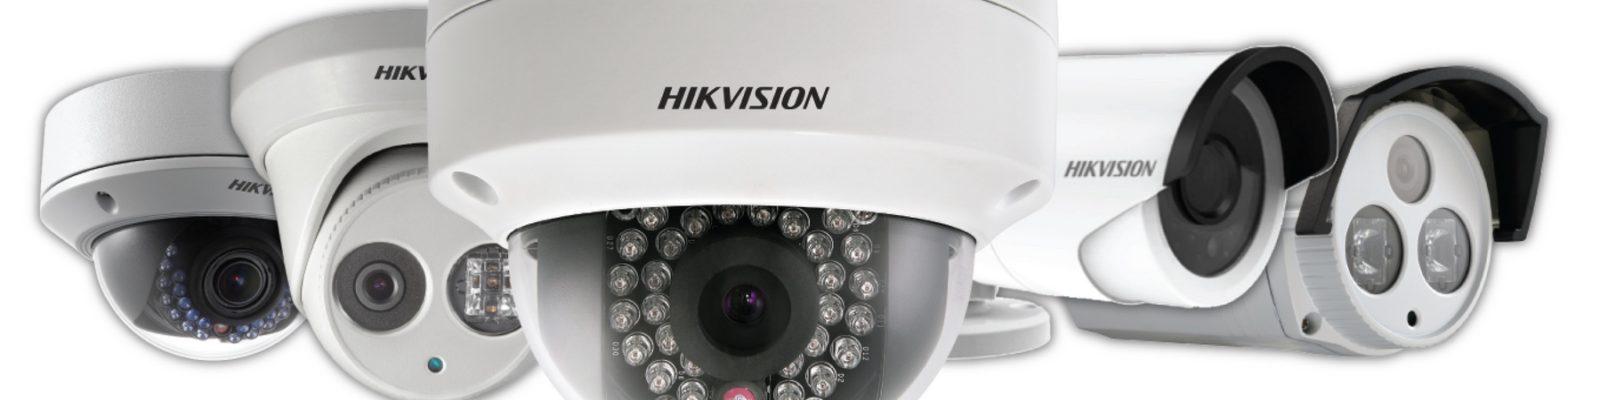 hikvision-videovigilancia